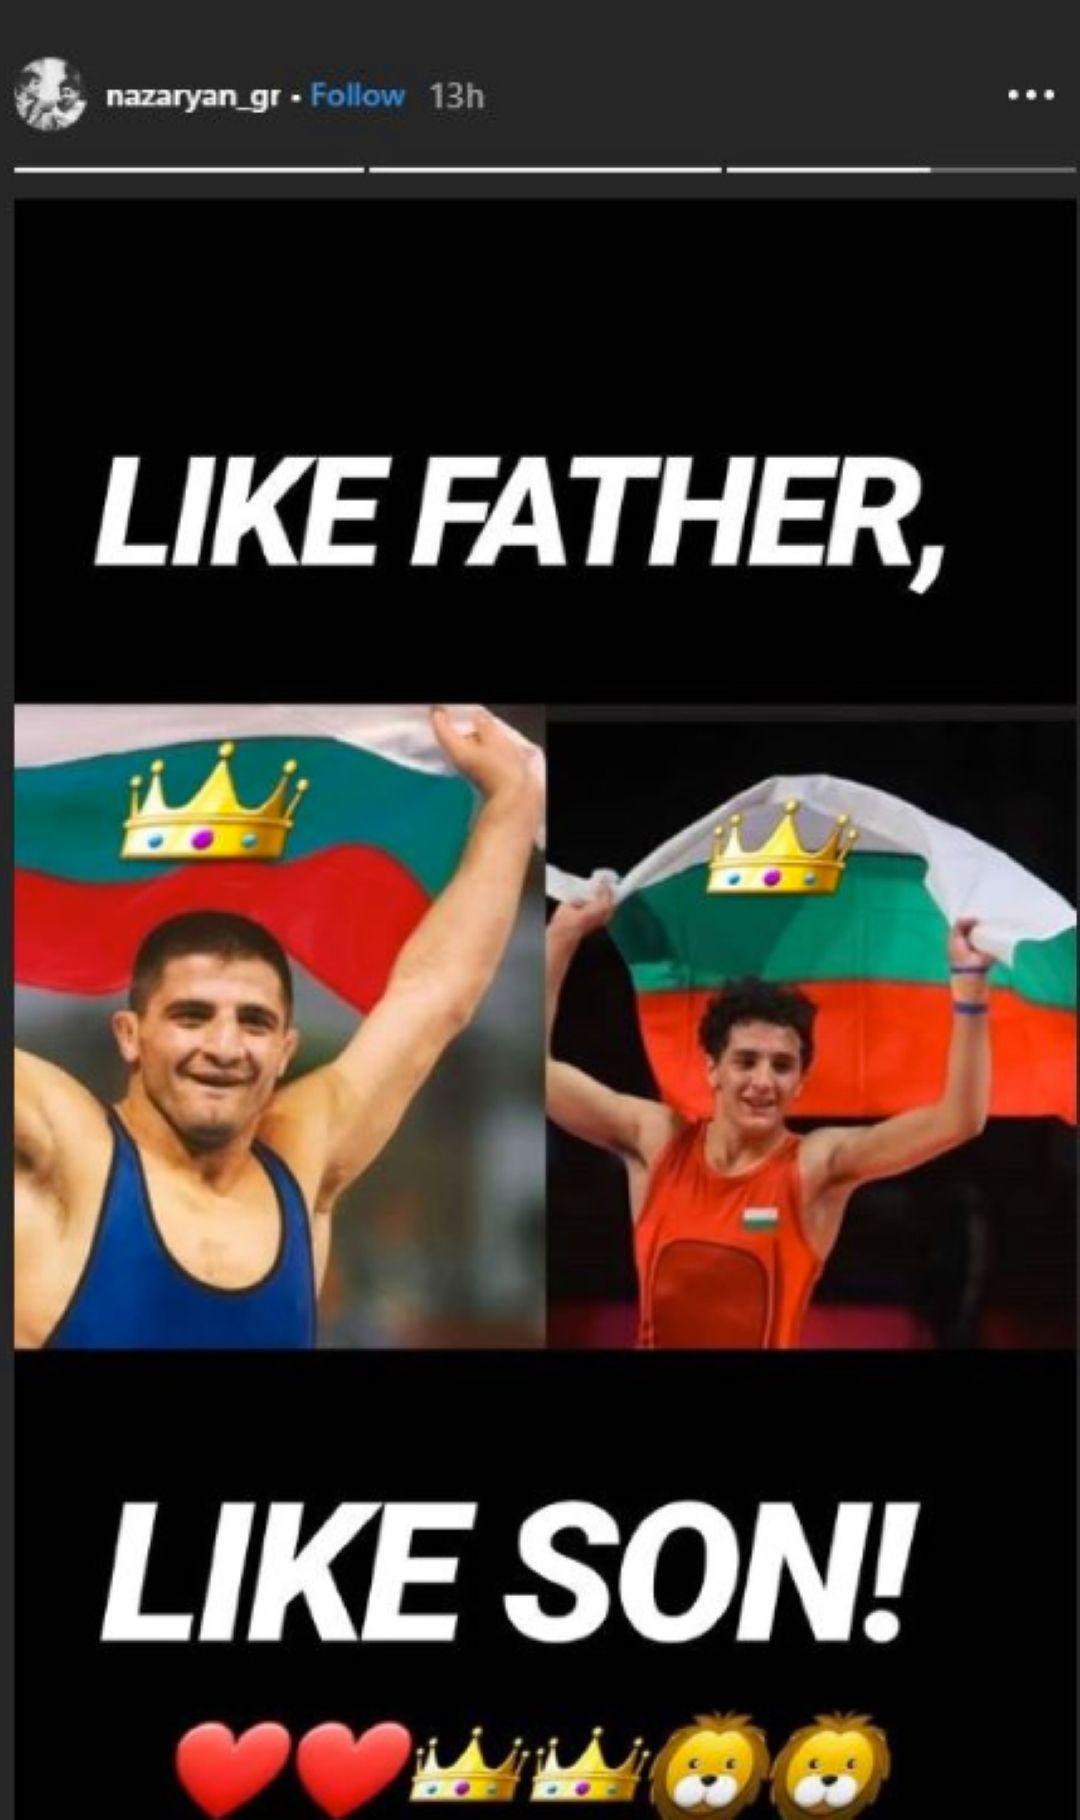 Гриша Назарян пусна това стори в профила си в Инстаграм малко след победния финал на брат му във вторник